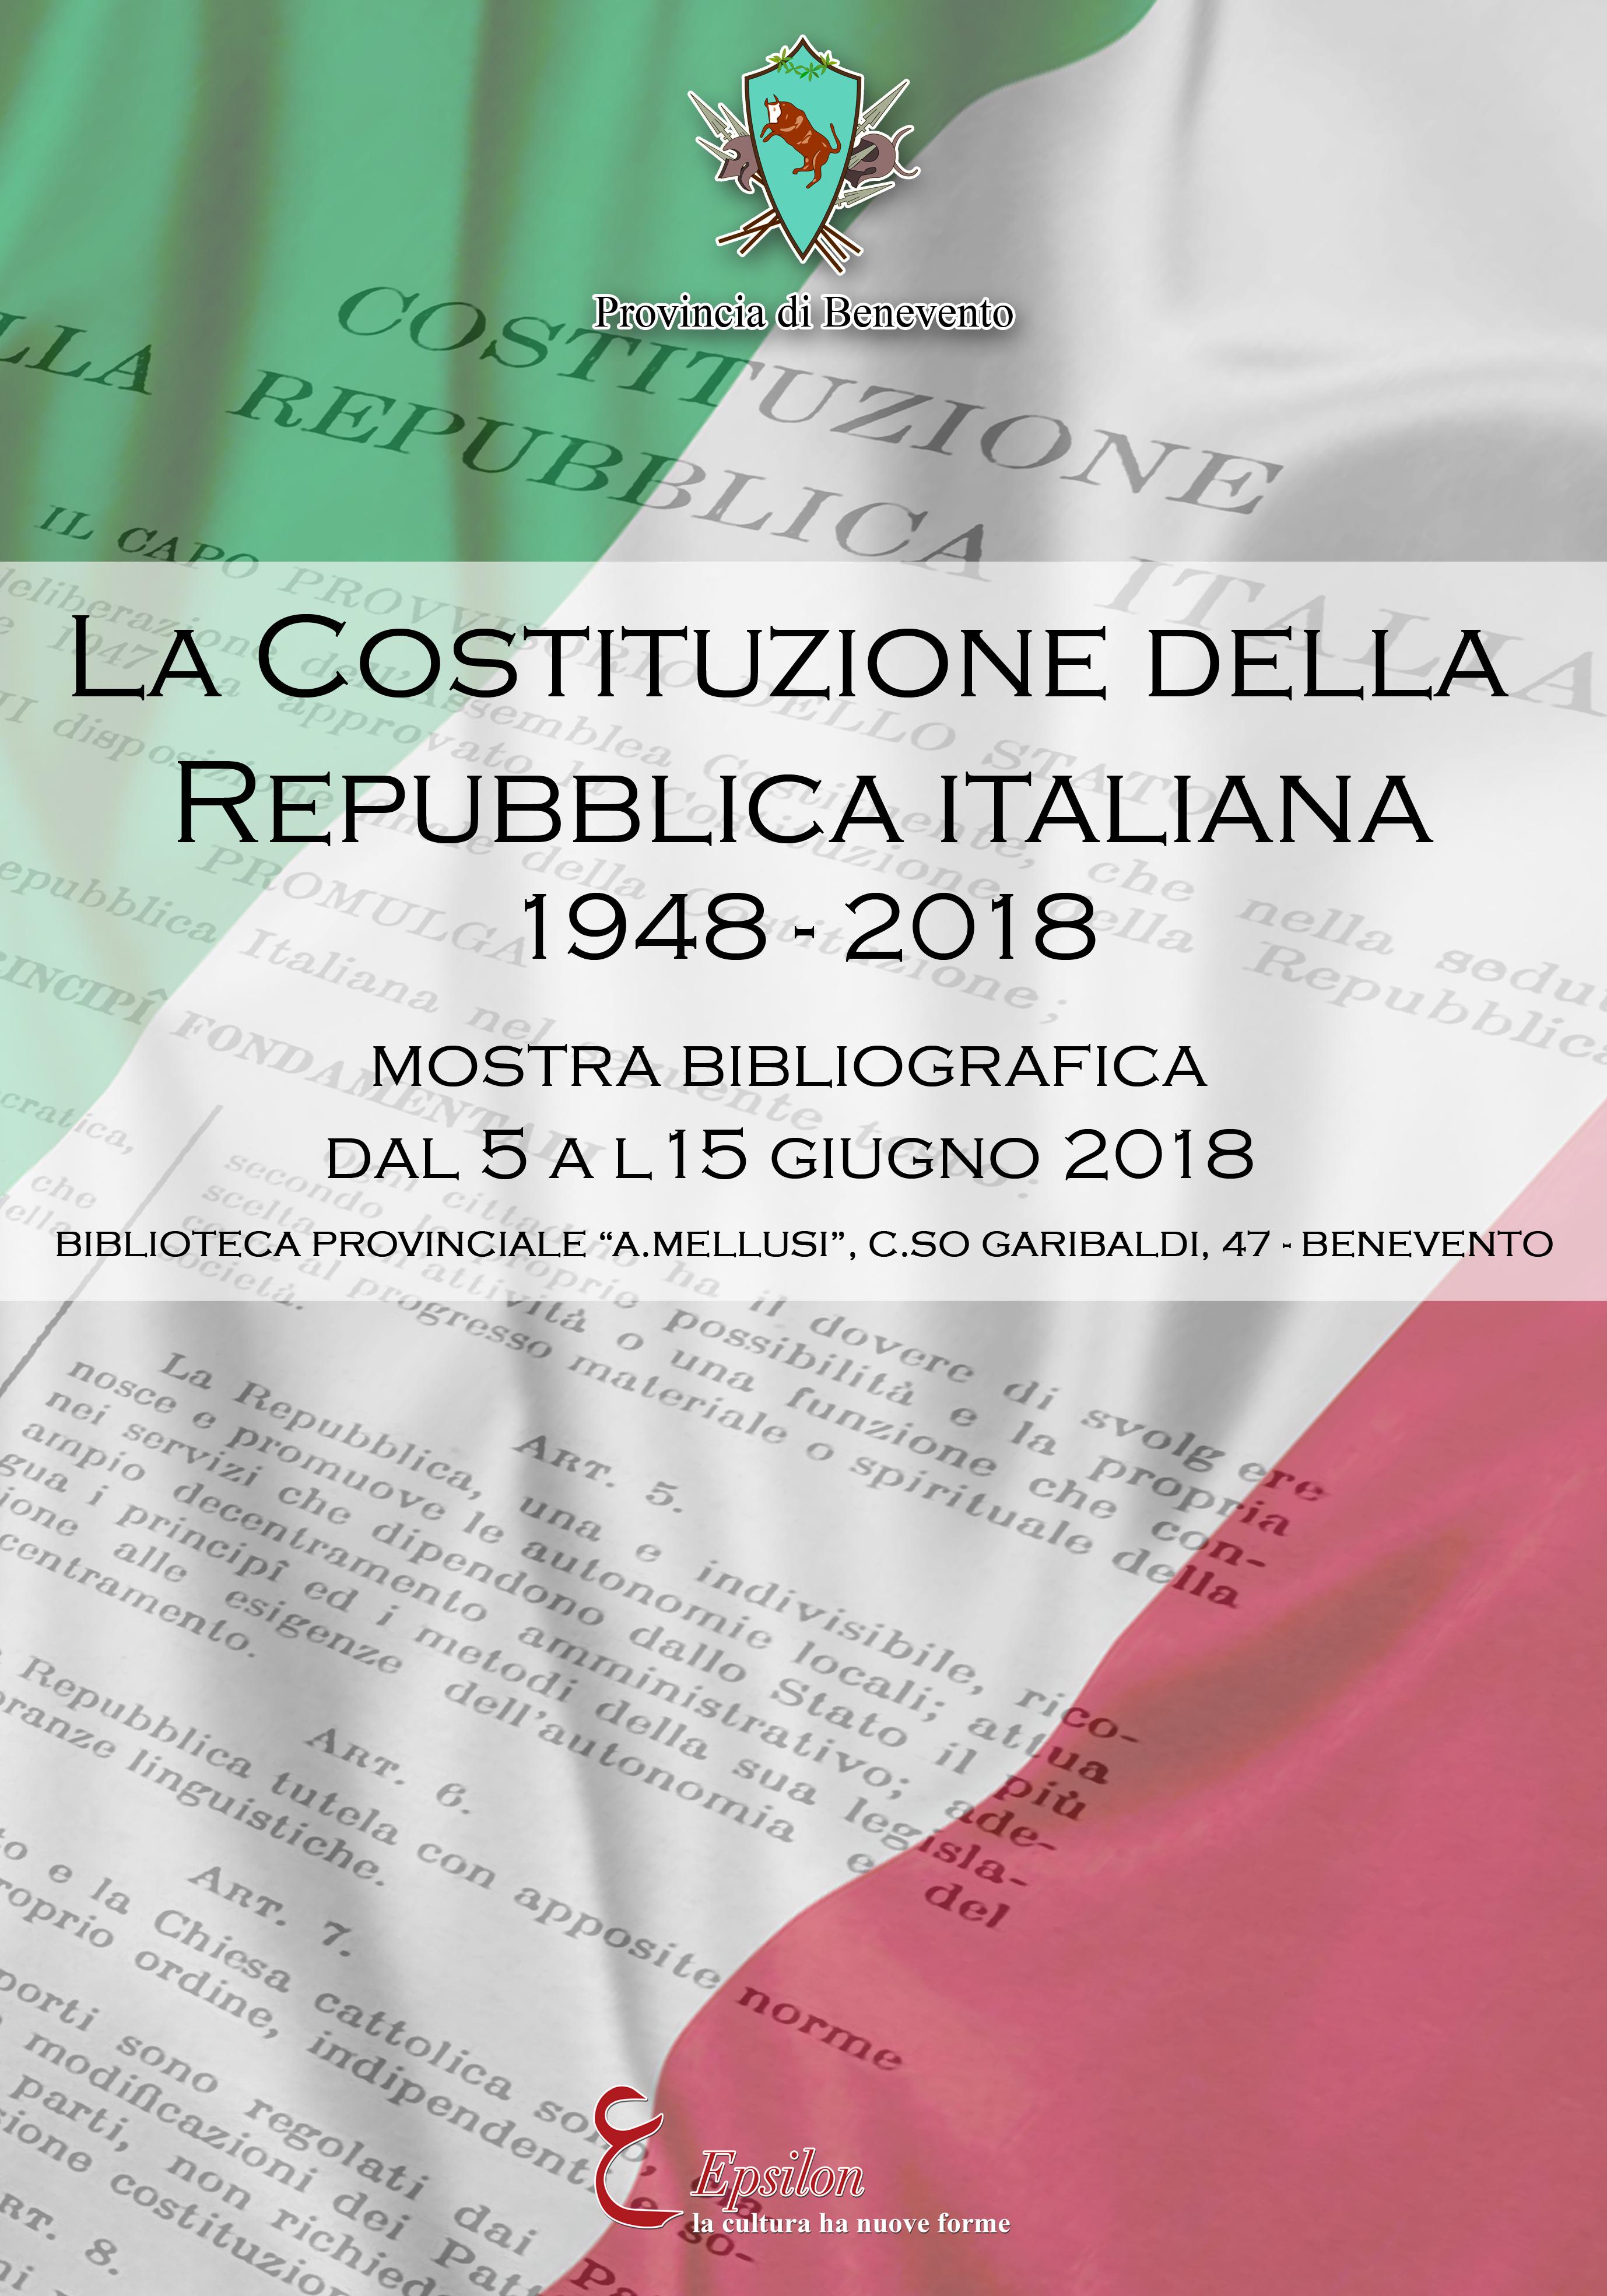 La Costituzione italiana in mostra alla Biblioteca Mellusi di Benevento